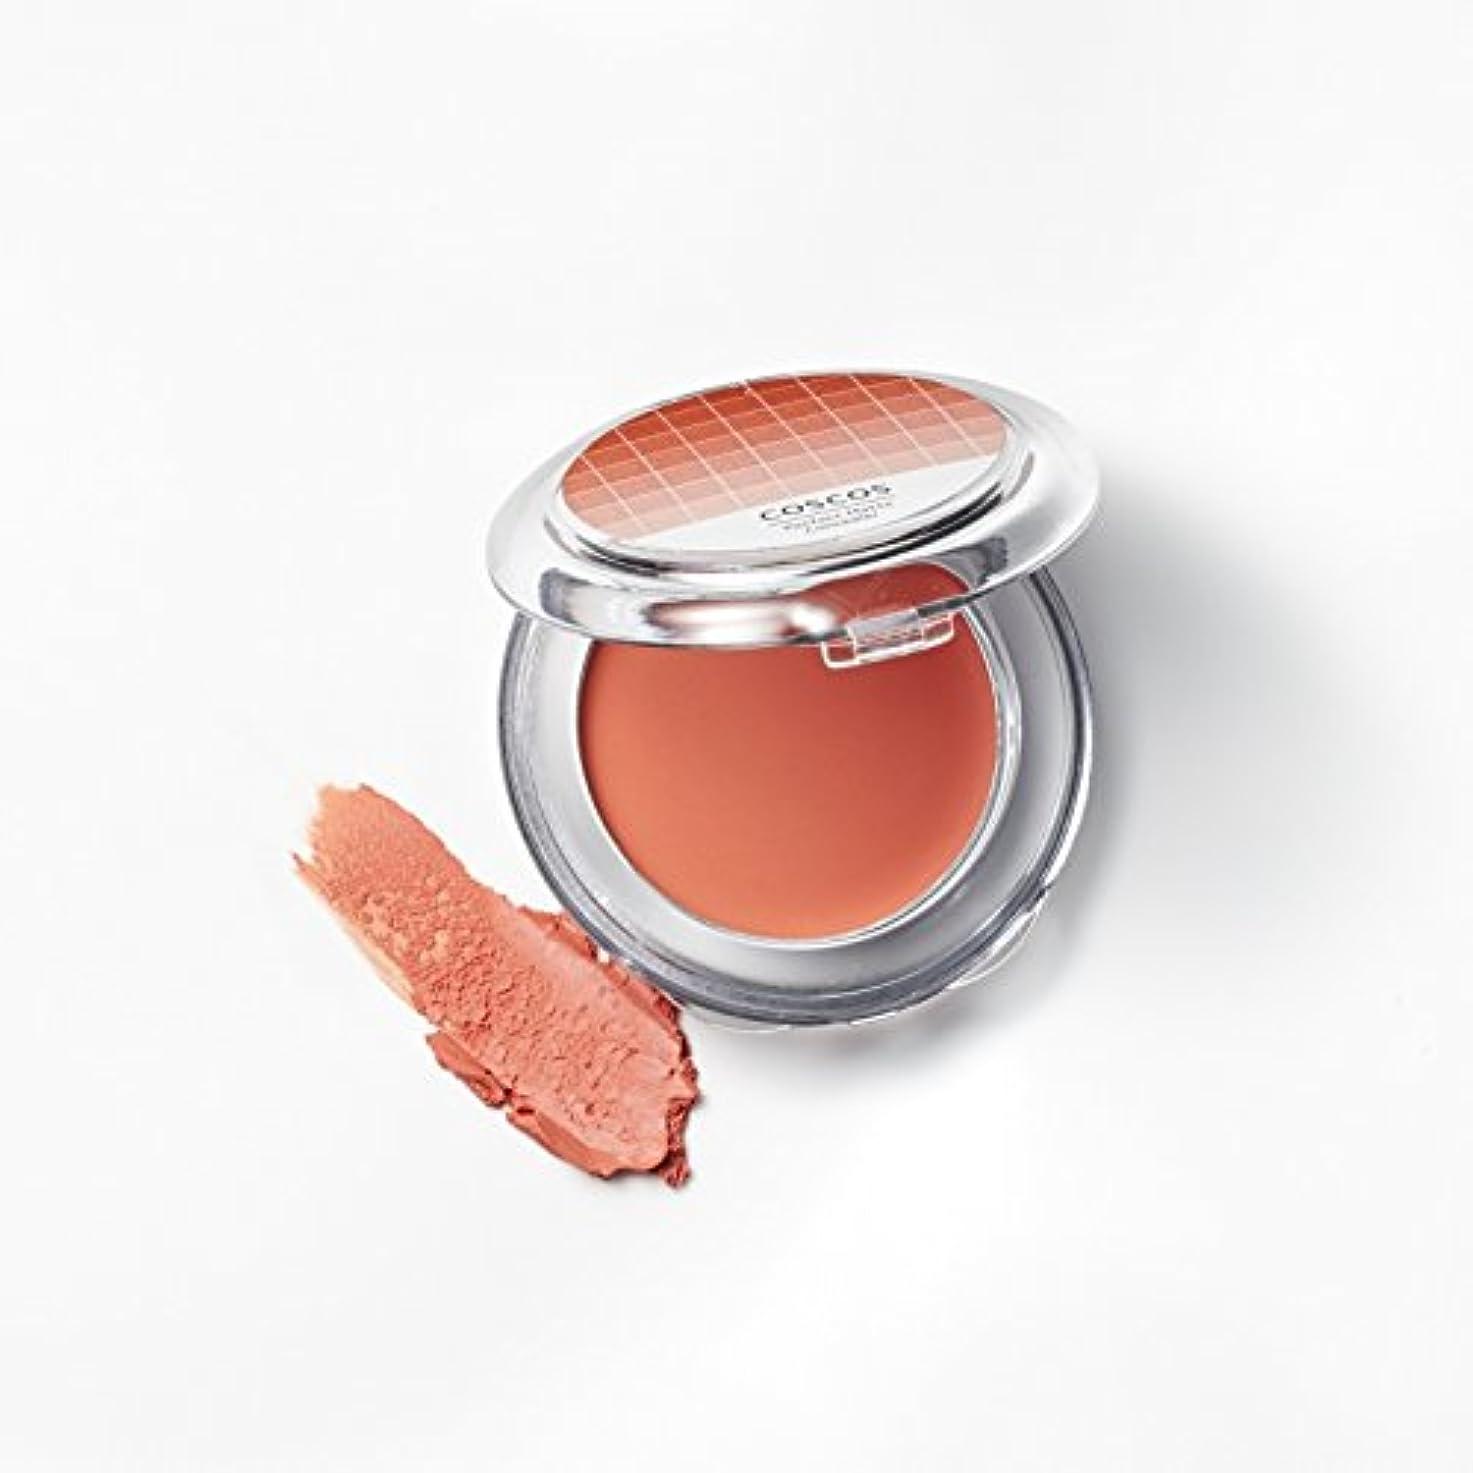 ゆでる届けるガスCOSCOS(コスコス) カラーコンシーラー スカーレットオレンジ